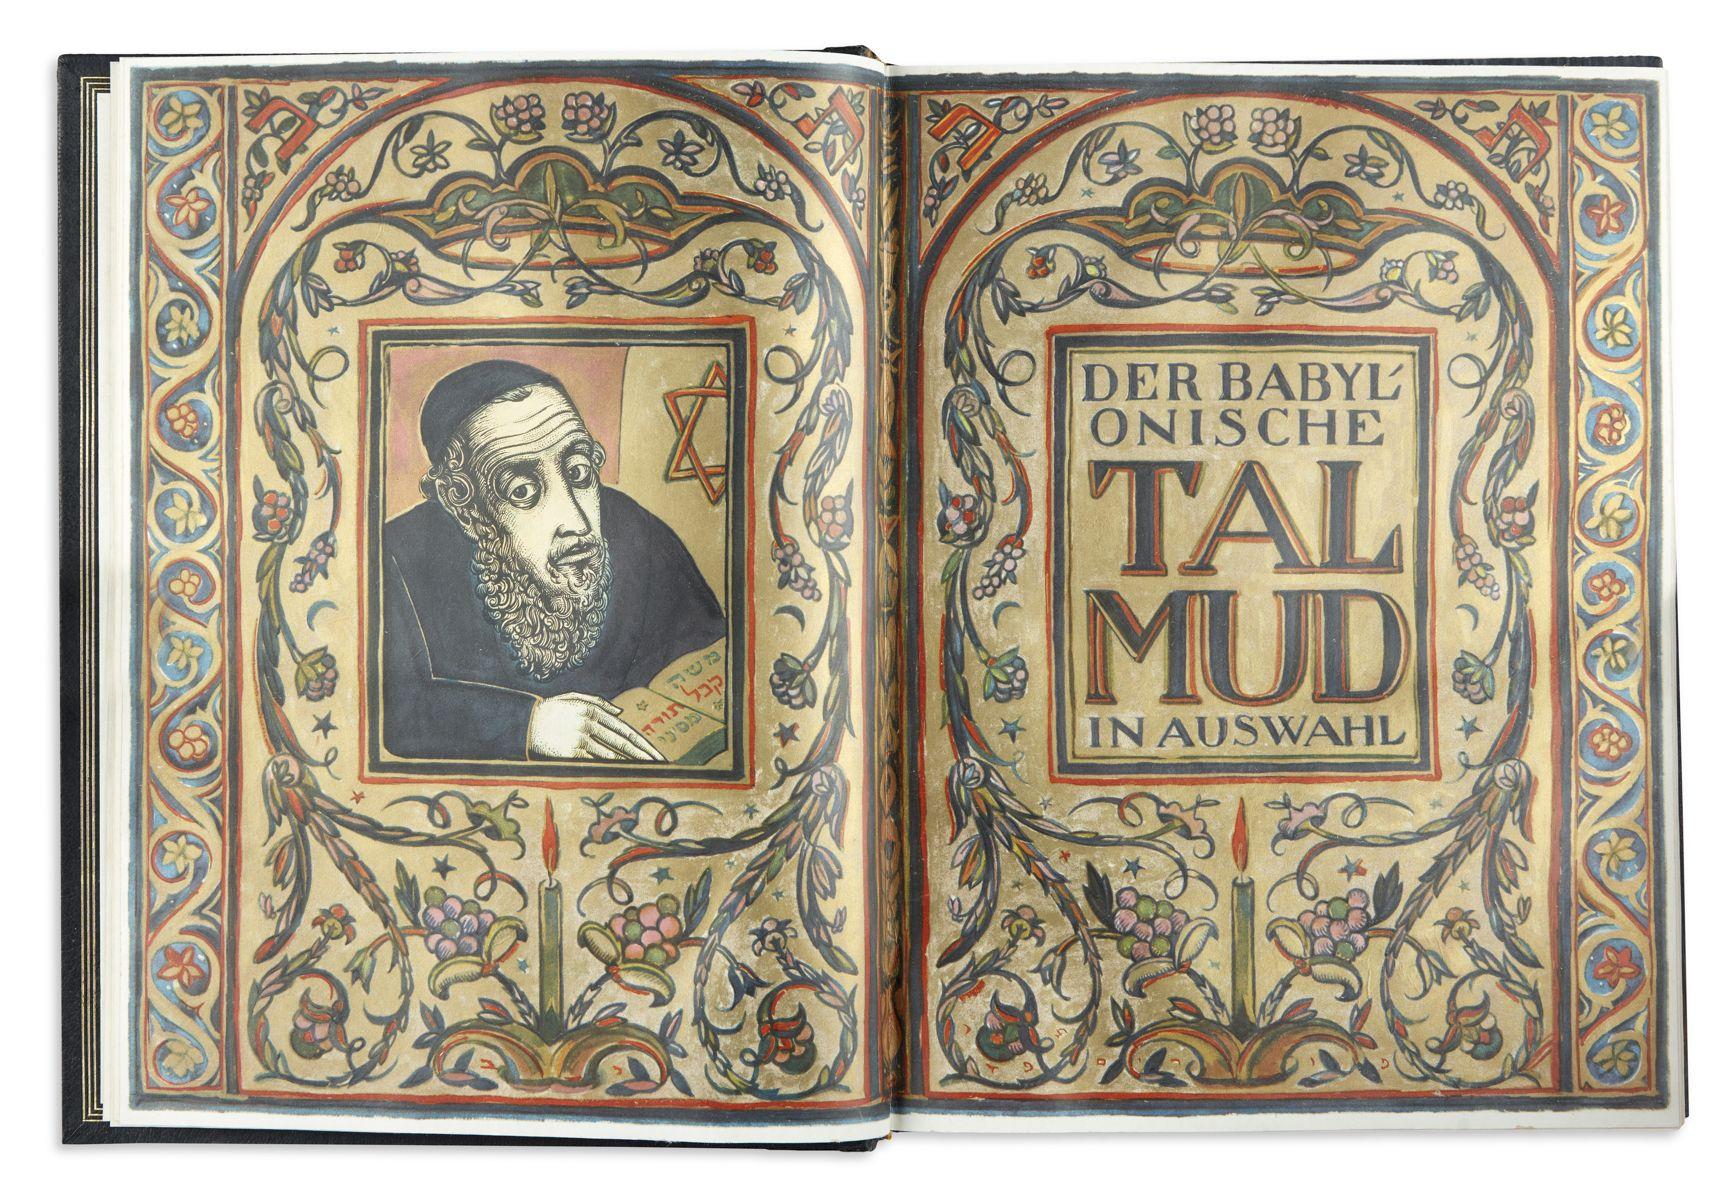 Der Babylonische Talmud in Auswahl. Text by Jakob Fromer.